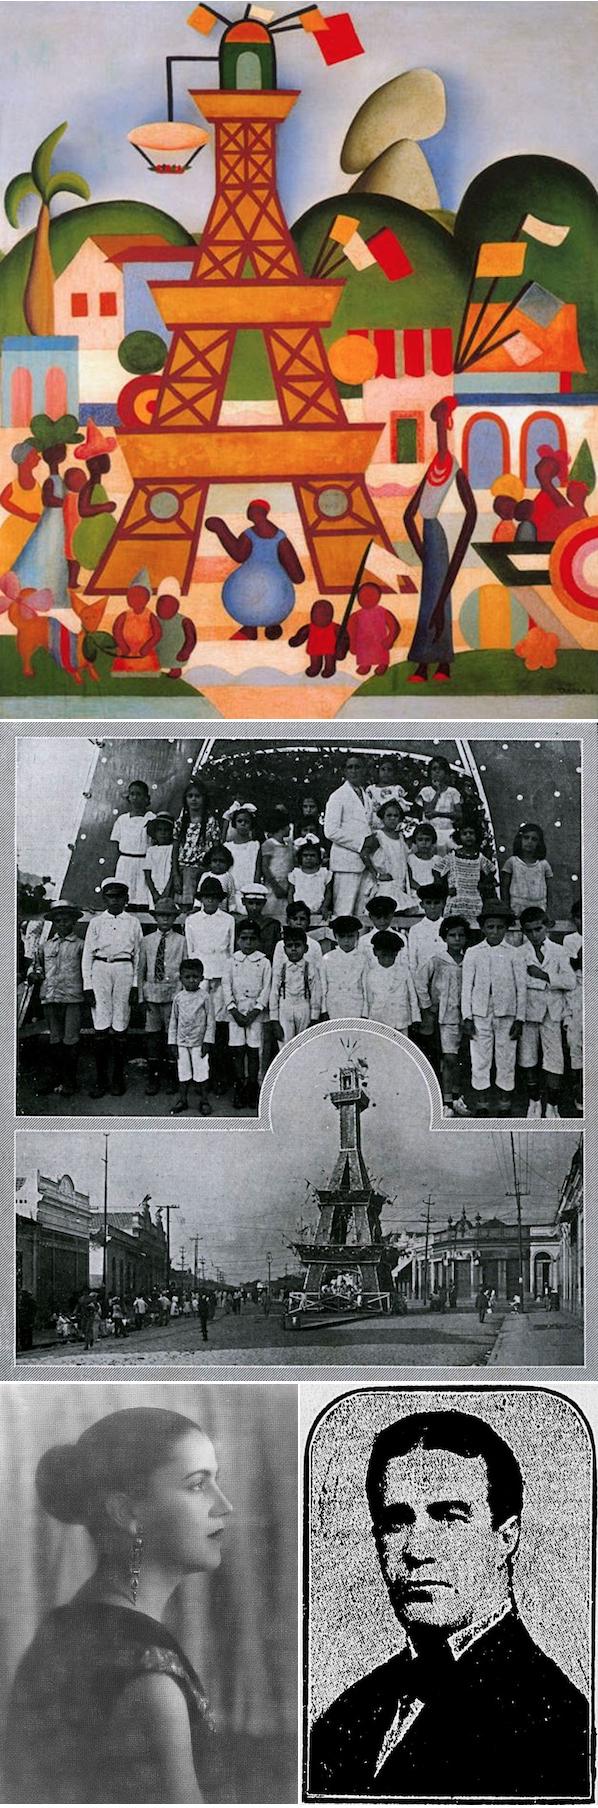 torre-eiffel-de-madureira-carnaval-1924-inspiração-de-tarsila-do-amaral